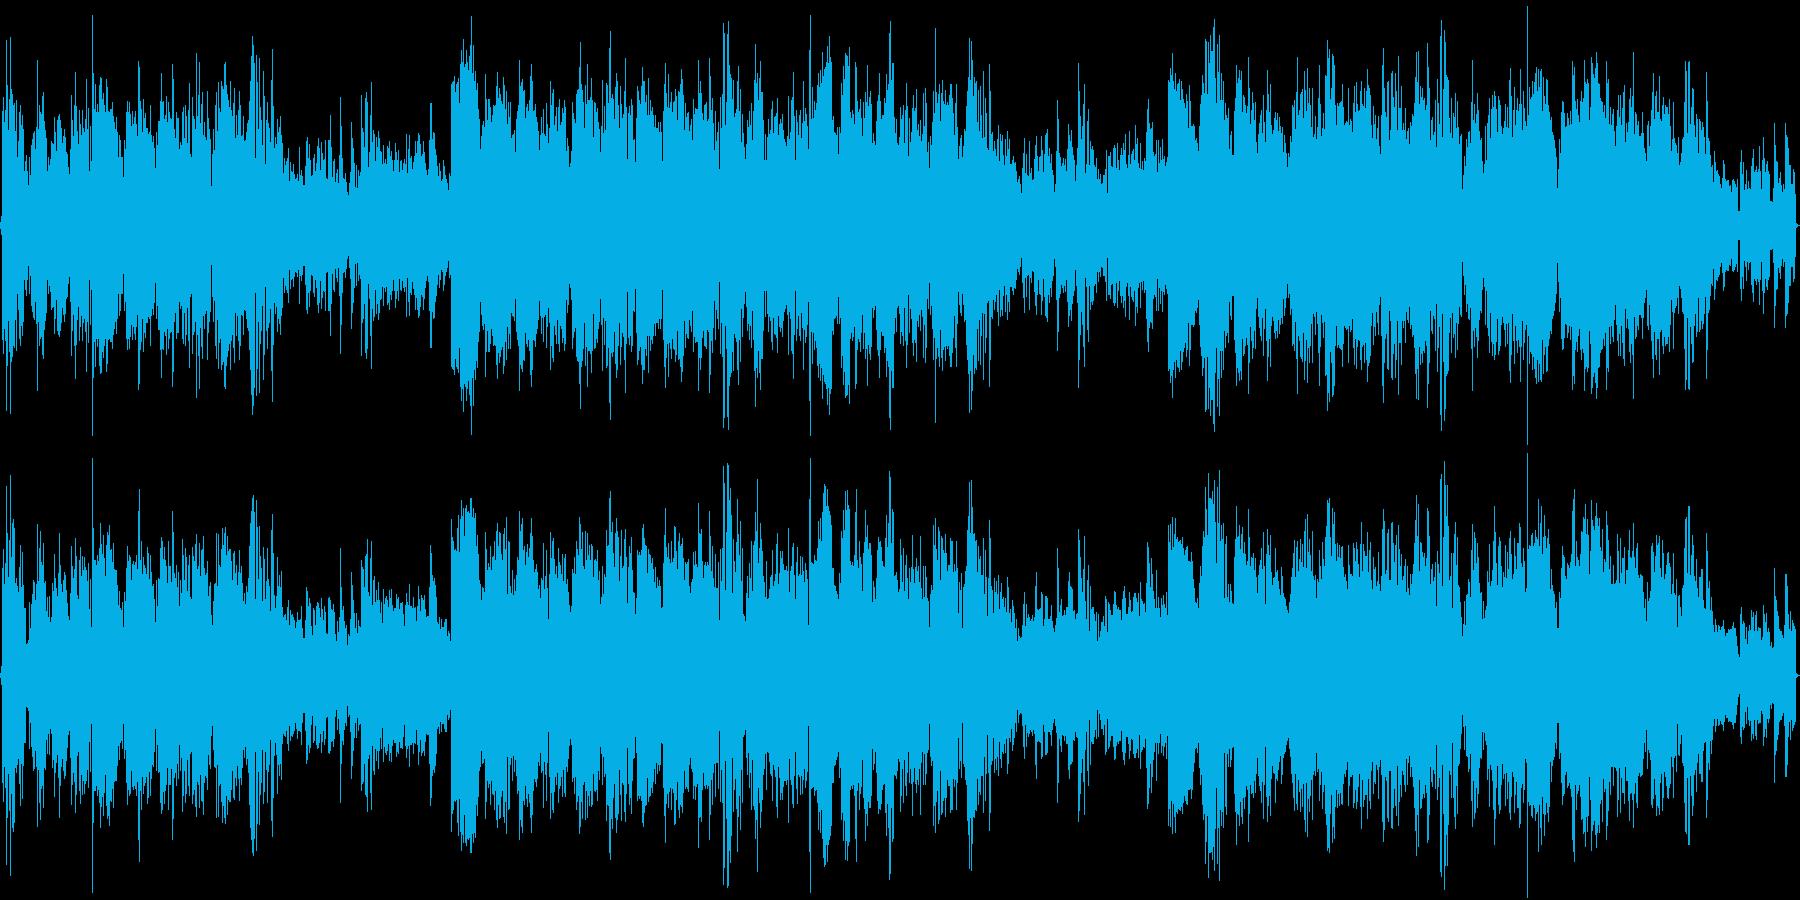 パーカッションDubstepの再生済みの波形